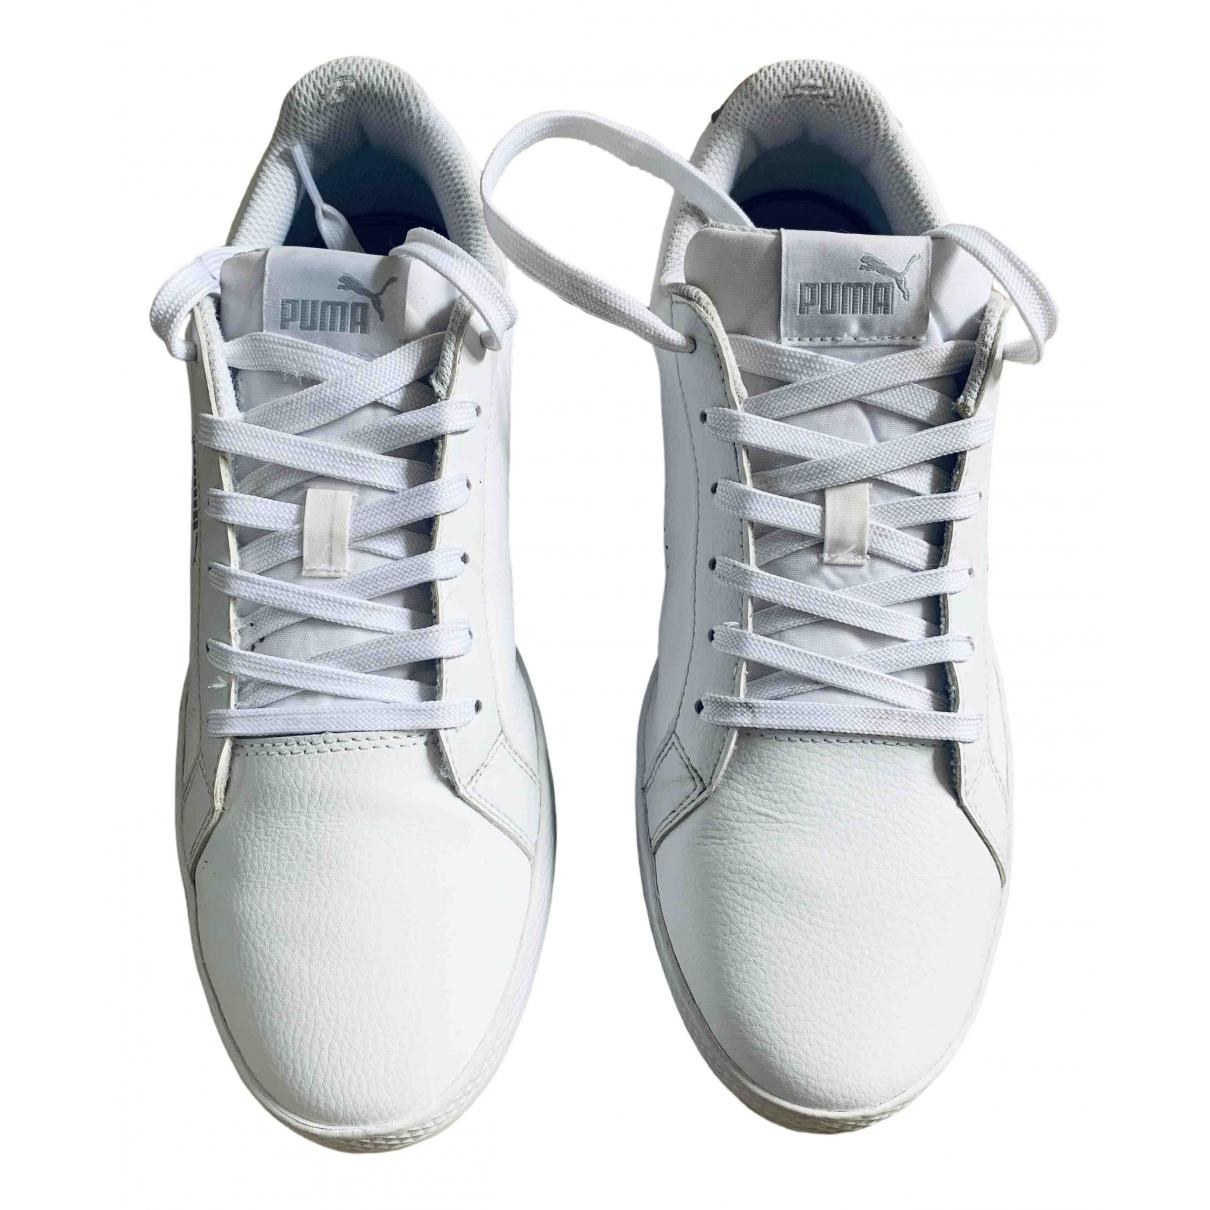 Puma \N Sneakers in  Weiss Lackleder